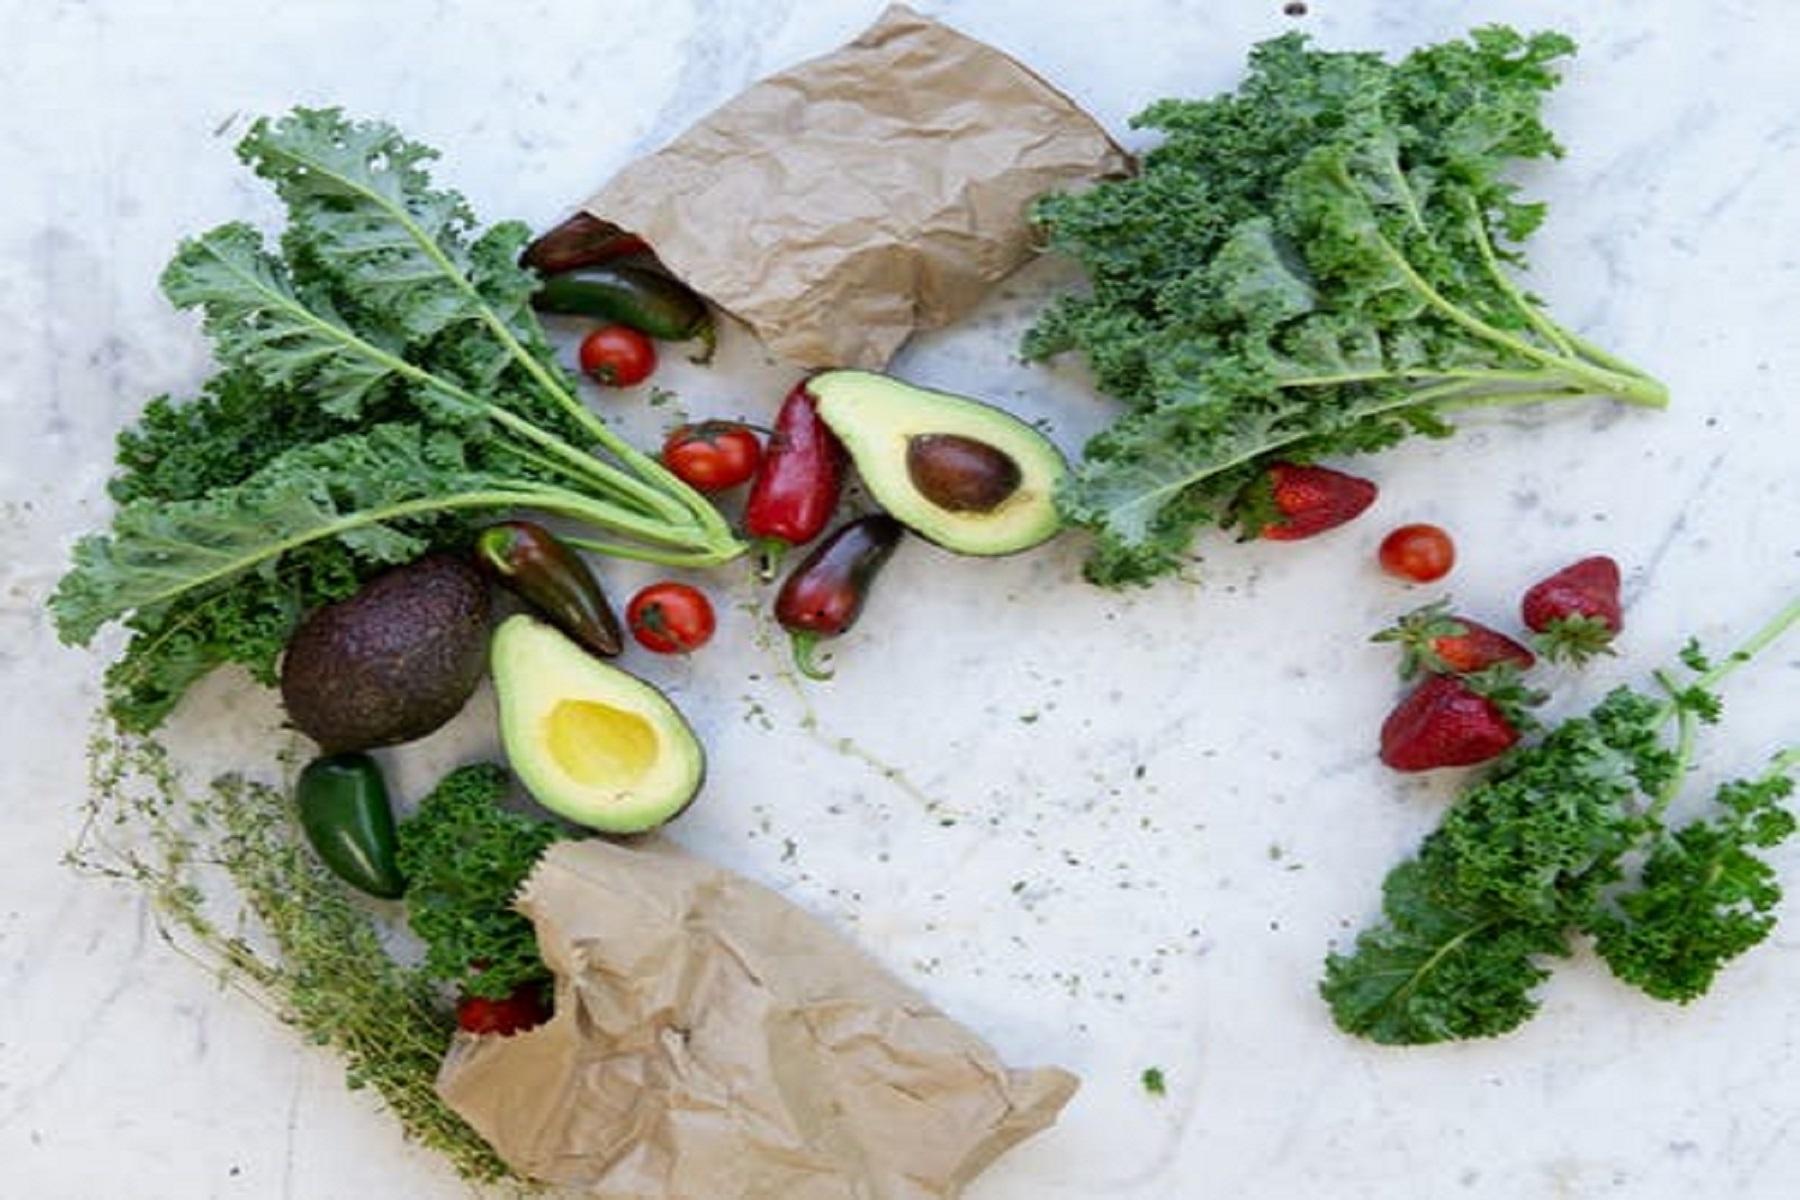 Διατροφή Καρδιοπάθειες: Ποιες τροφές είναι κατάλληλες για τις αρτηρίες σας